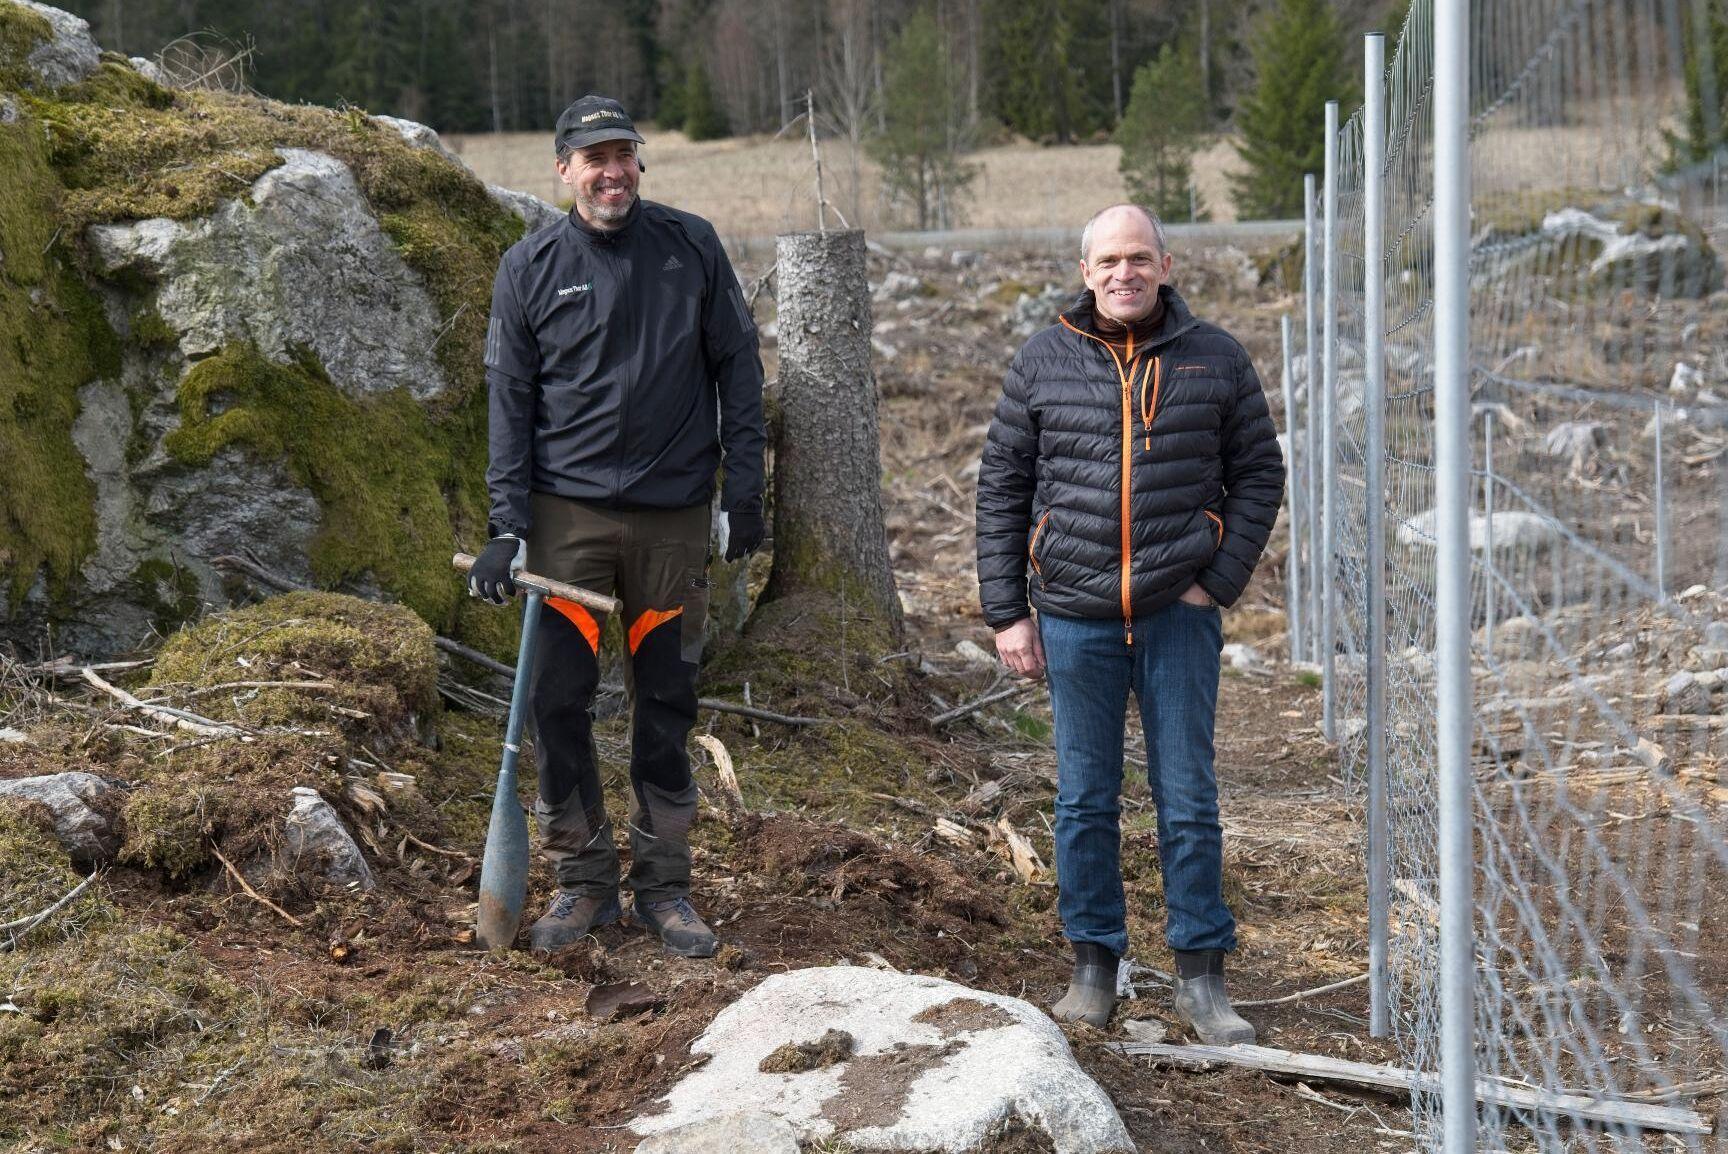 Planteringsbasen Martin Spåre och skogsägaren Lars Forsling på bokplanteringen norr om Västerås. Hygget stängslades innan planteringen.